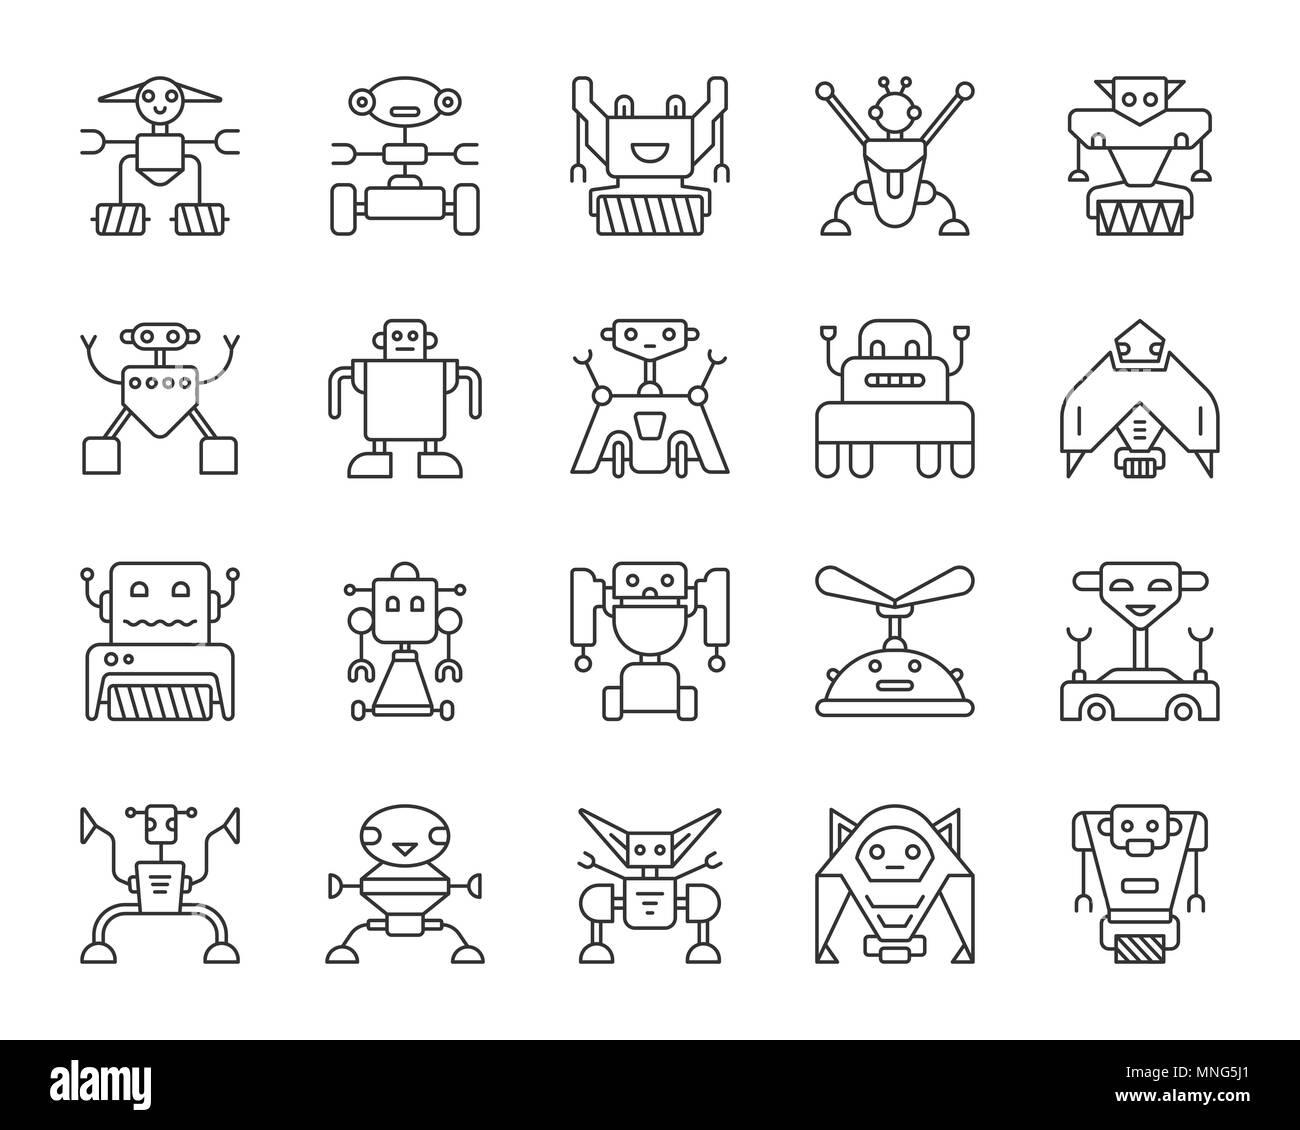 Fine ligne Robot icons set. Kit de connexion web aperçu de jouet. L'icône de la ligne de caractères collection comprend transformateur, cyborg, la machine. Robot simple isolé bl Illustration de Vecteur